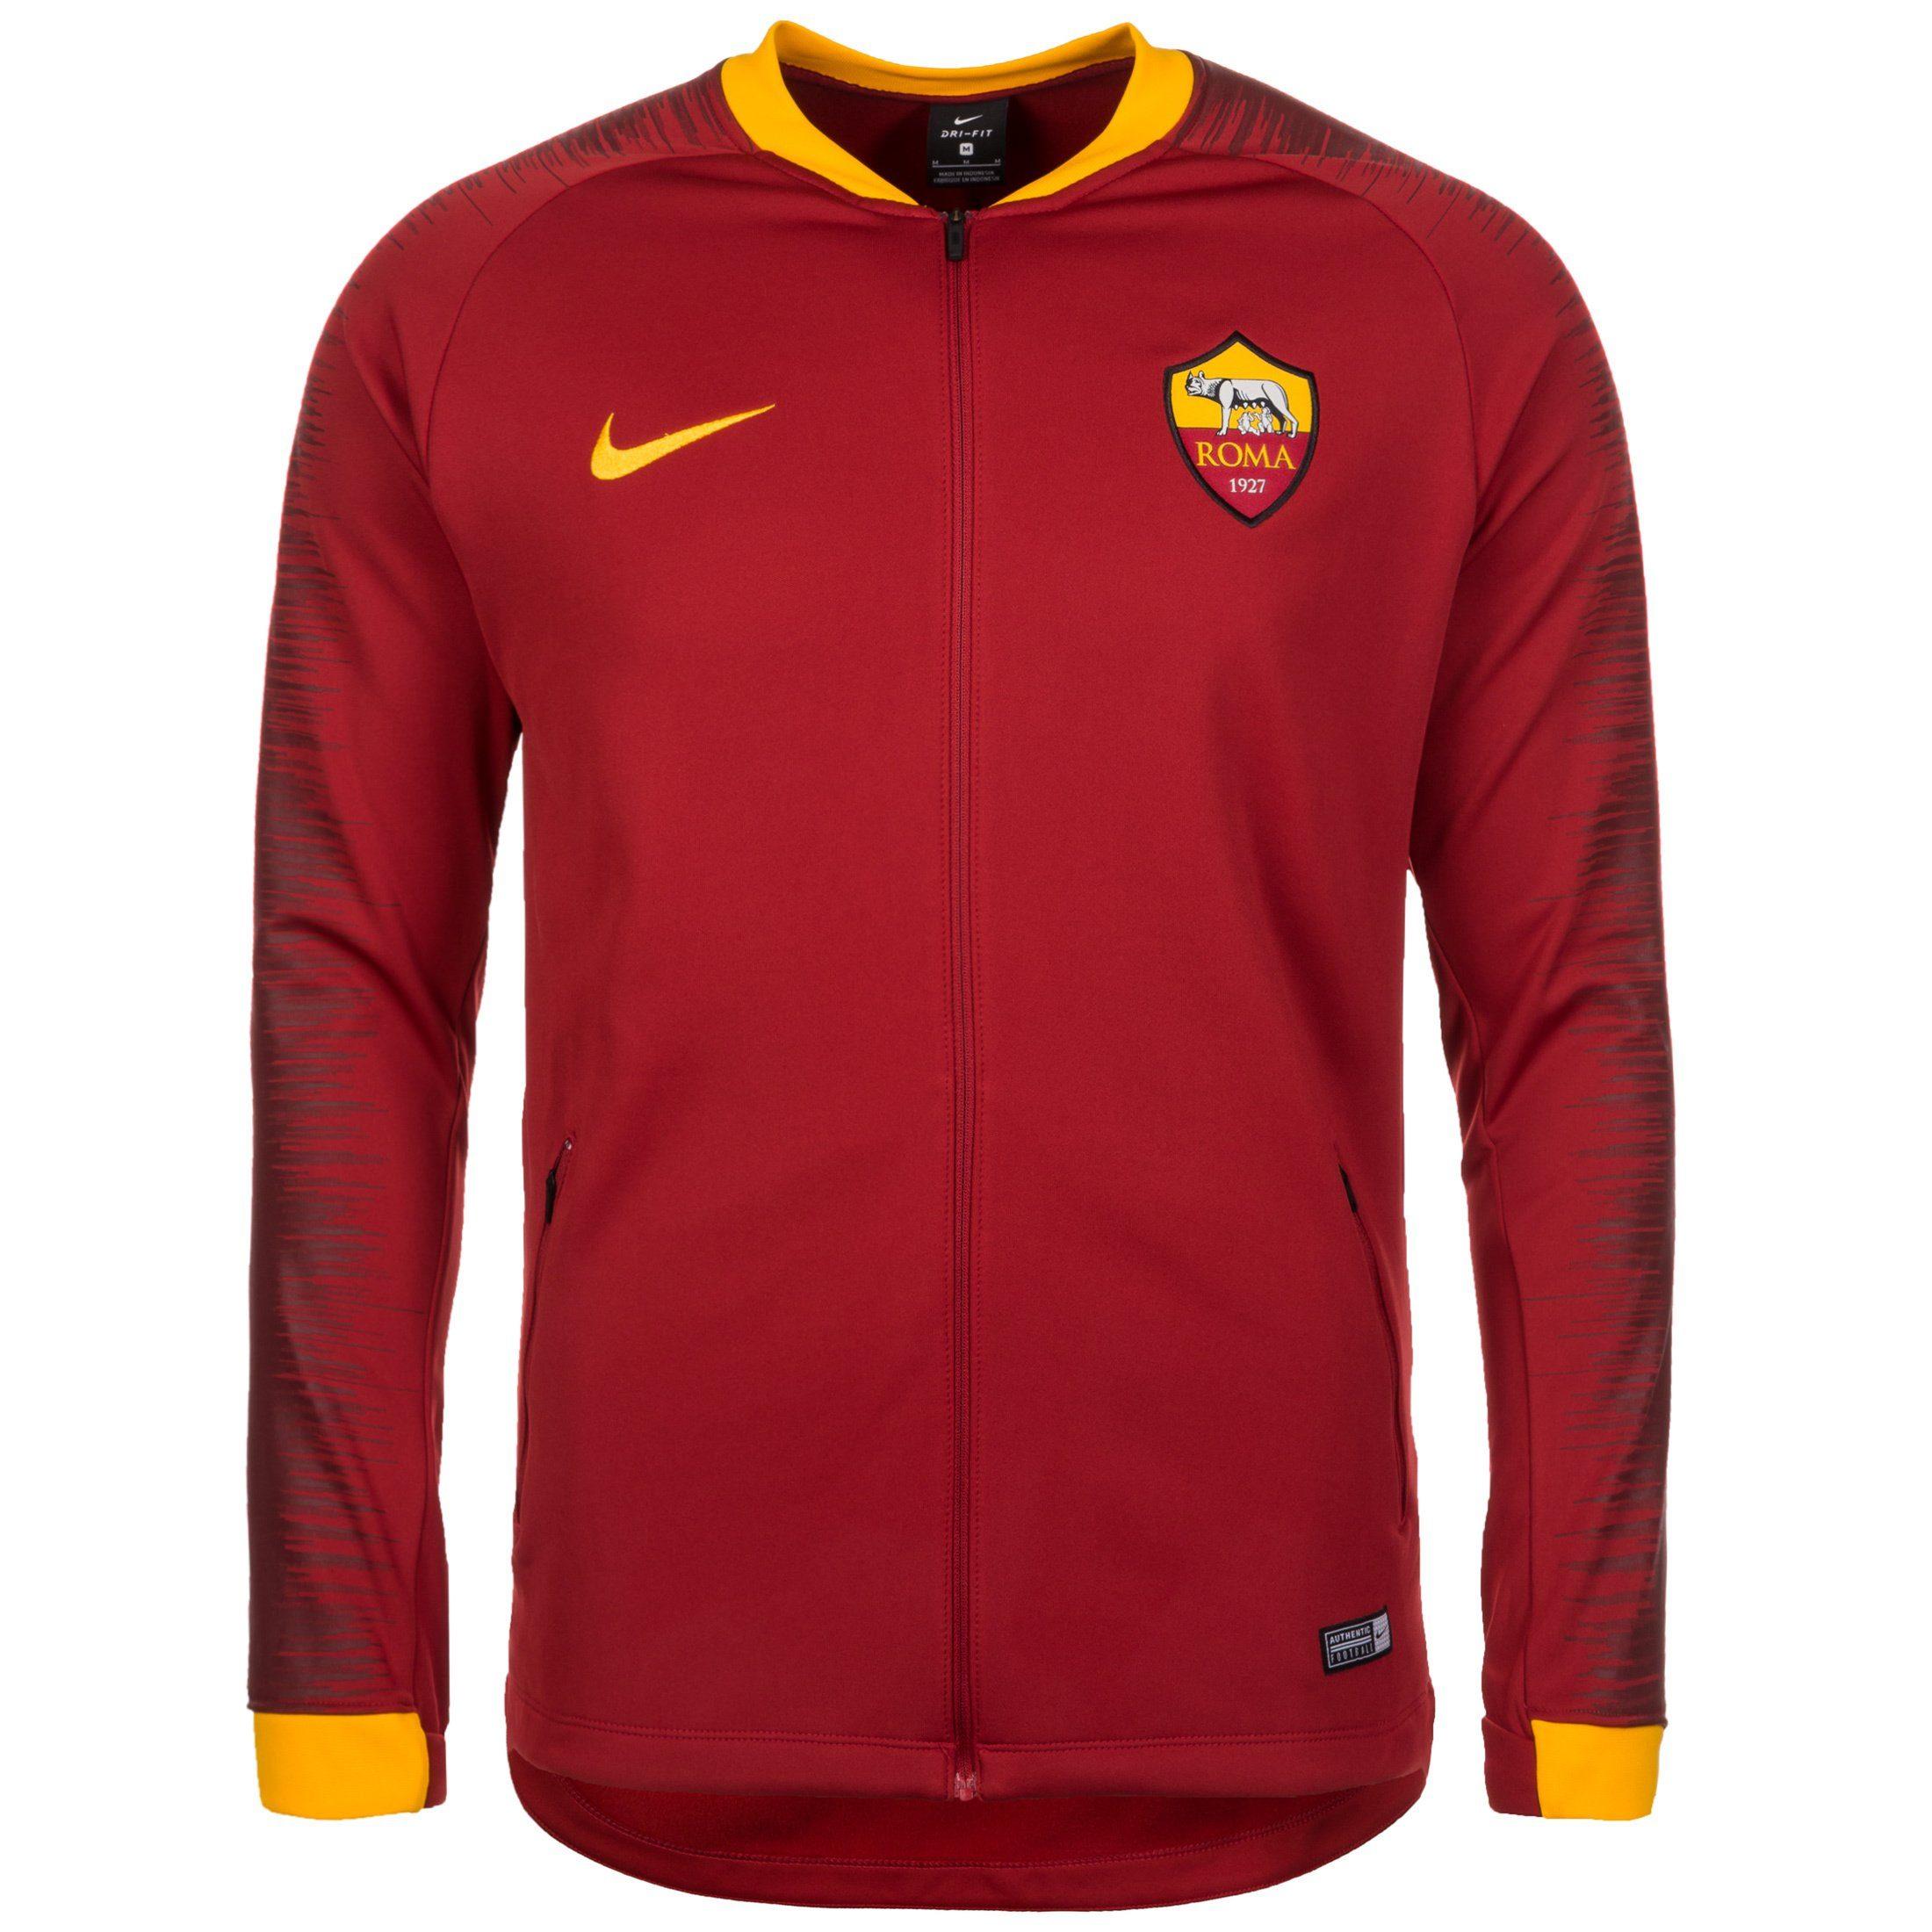 Nike Trainingsjacke As Rom Anthem   Sportbekleidung > Sportjacken > Trainingsjacken   Rot   As   Nike